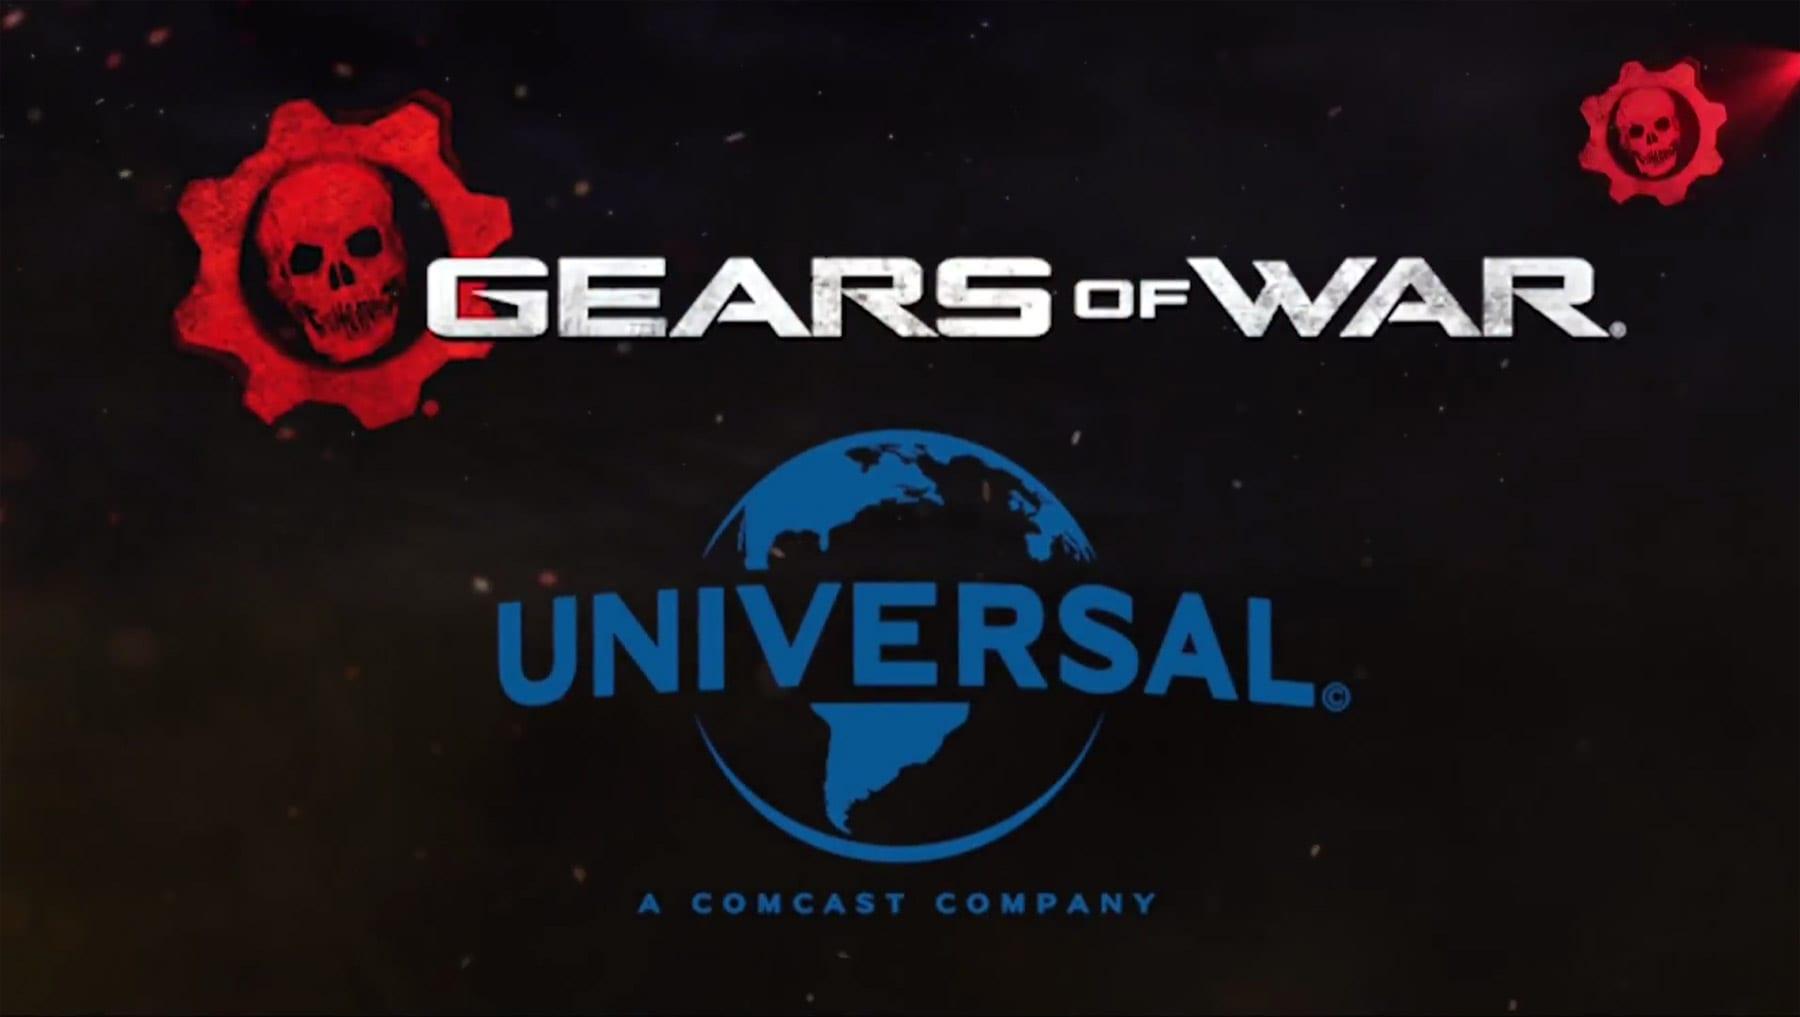 Filme de Gears of War é confirmado